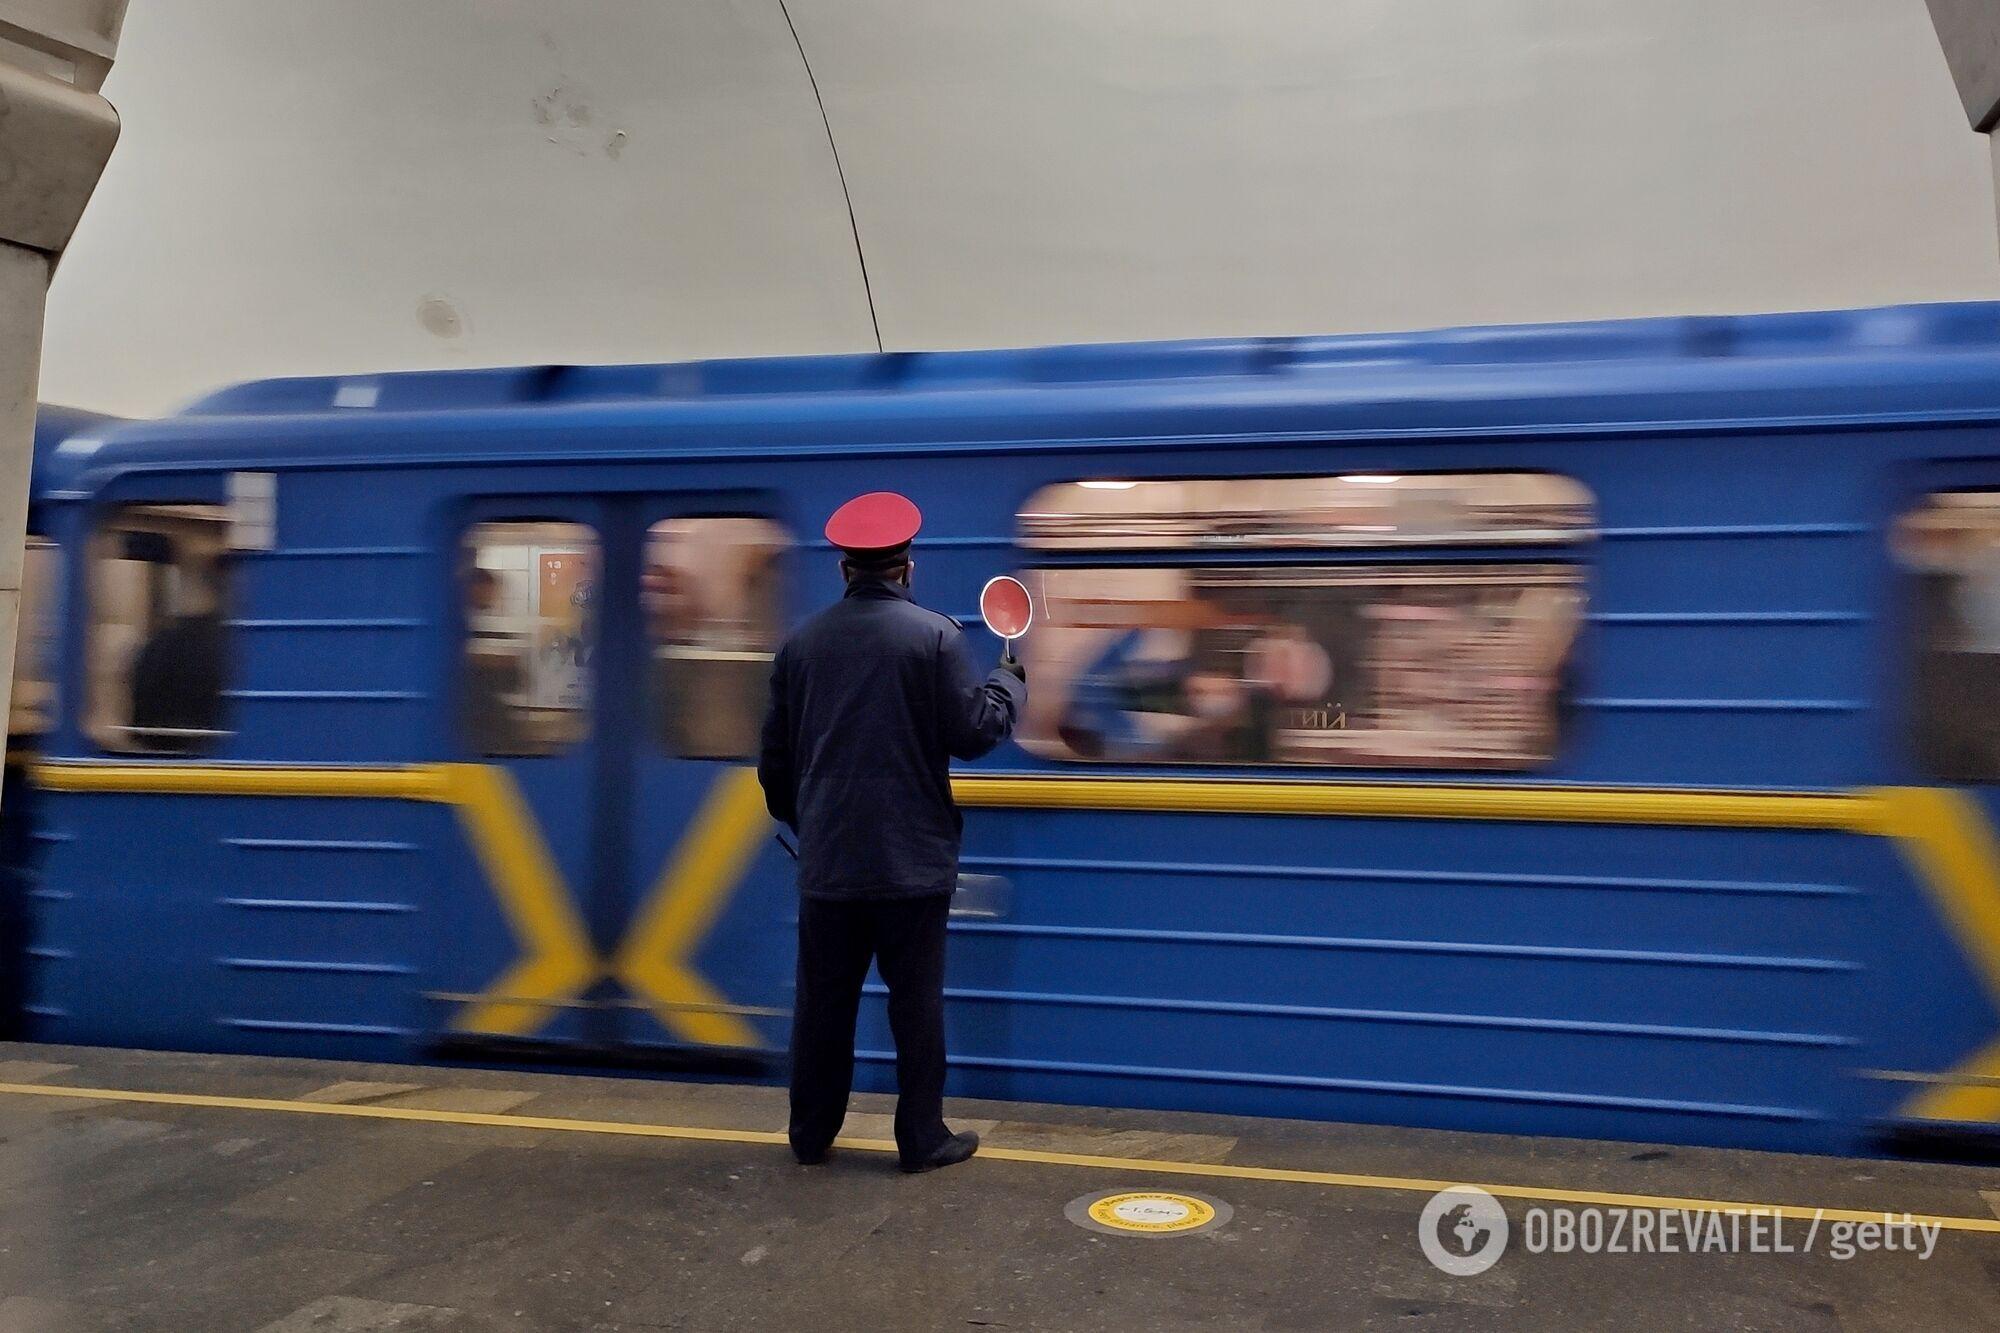 Київський метрополітен може зупинитися в будь-який момент